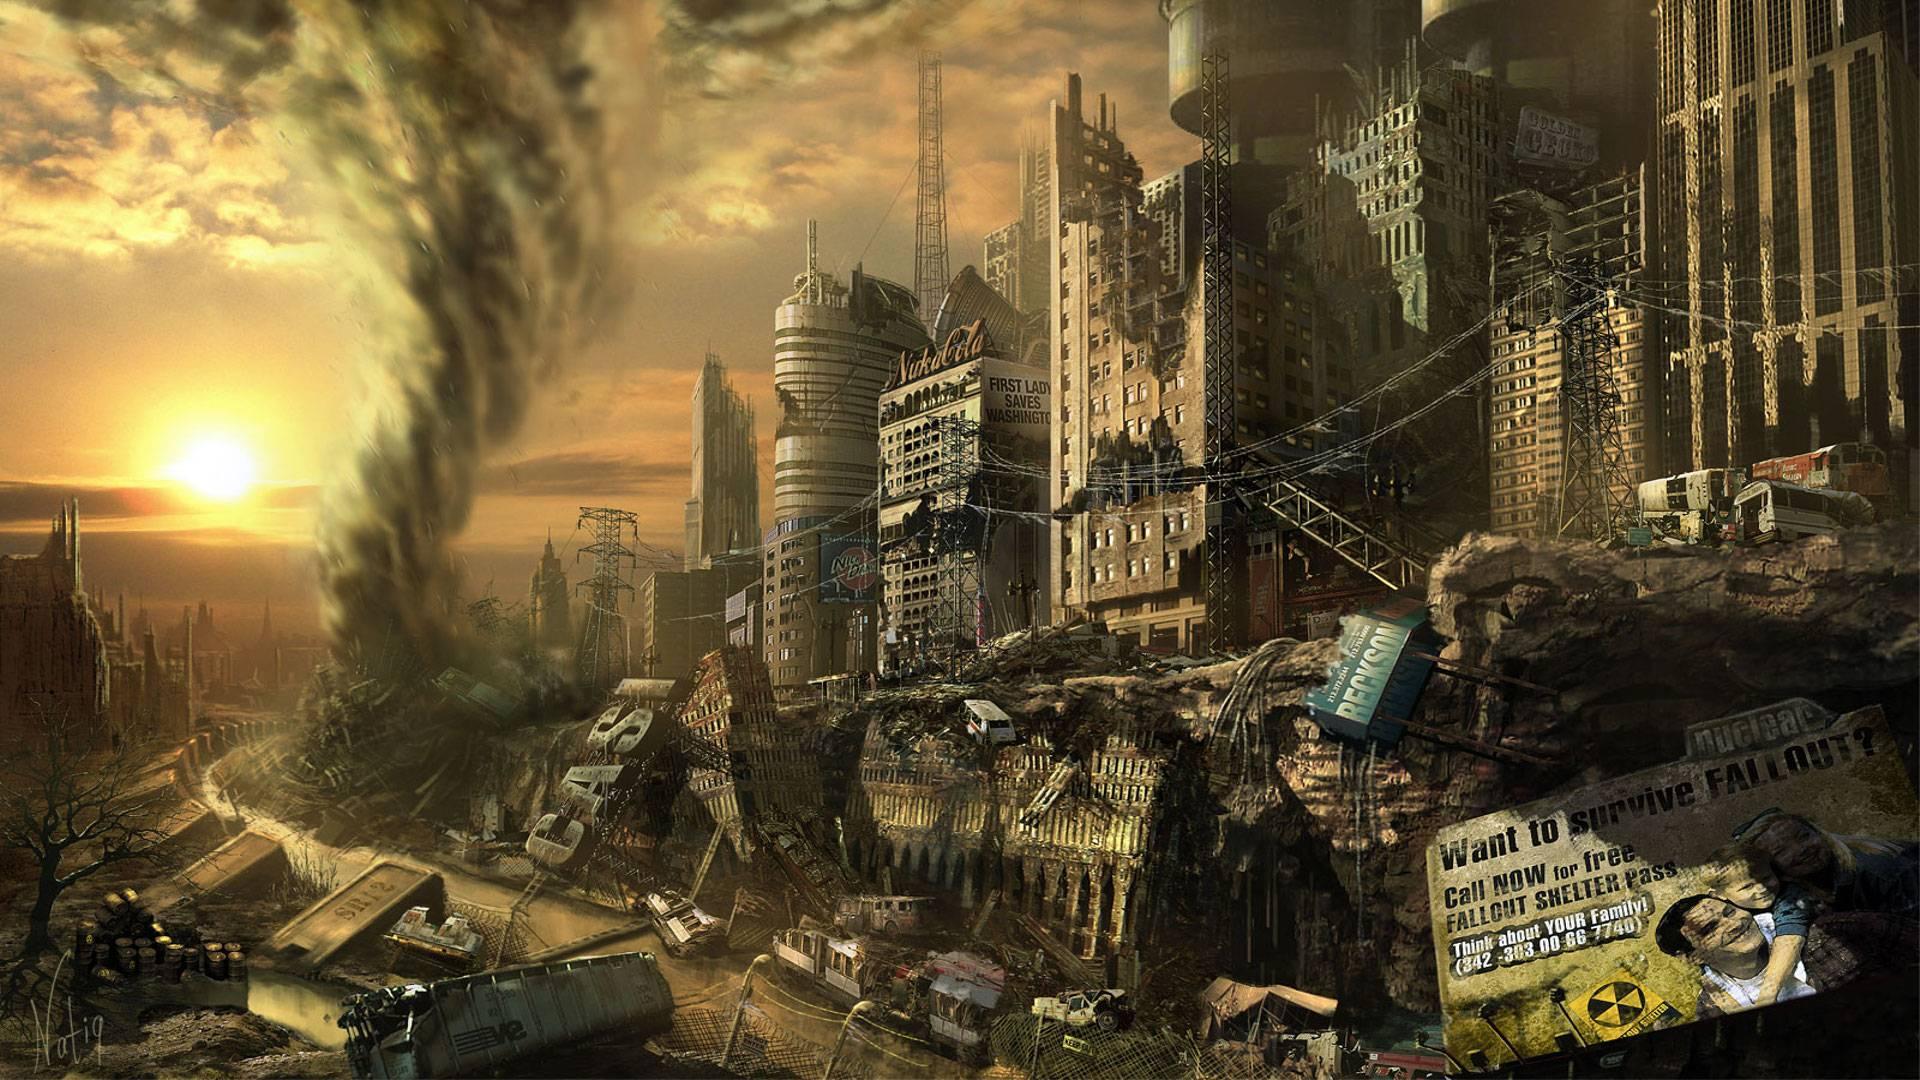 Fallout clipart fallout 1 Fallout  Iphone Nuclear Fallout